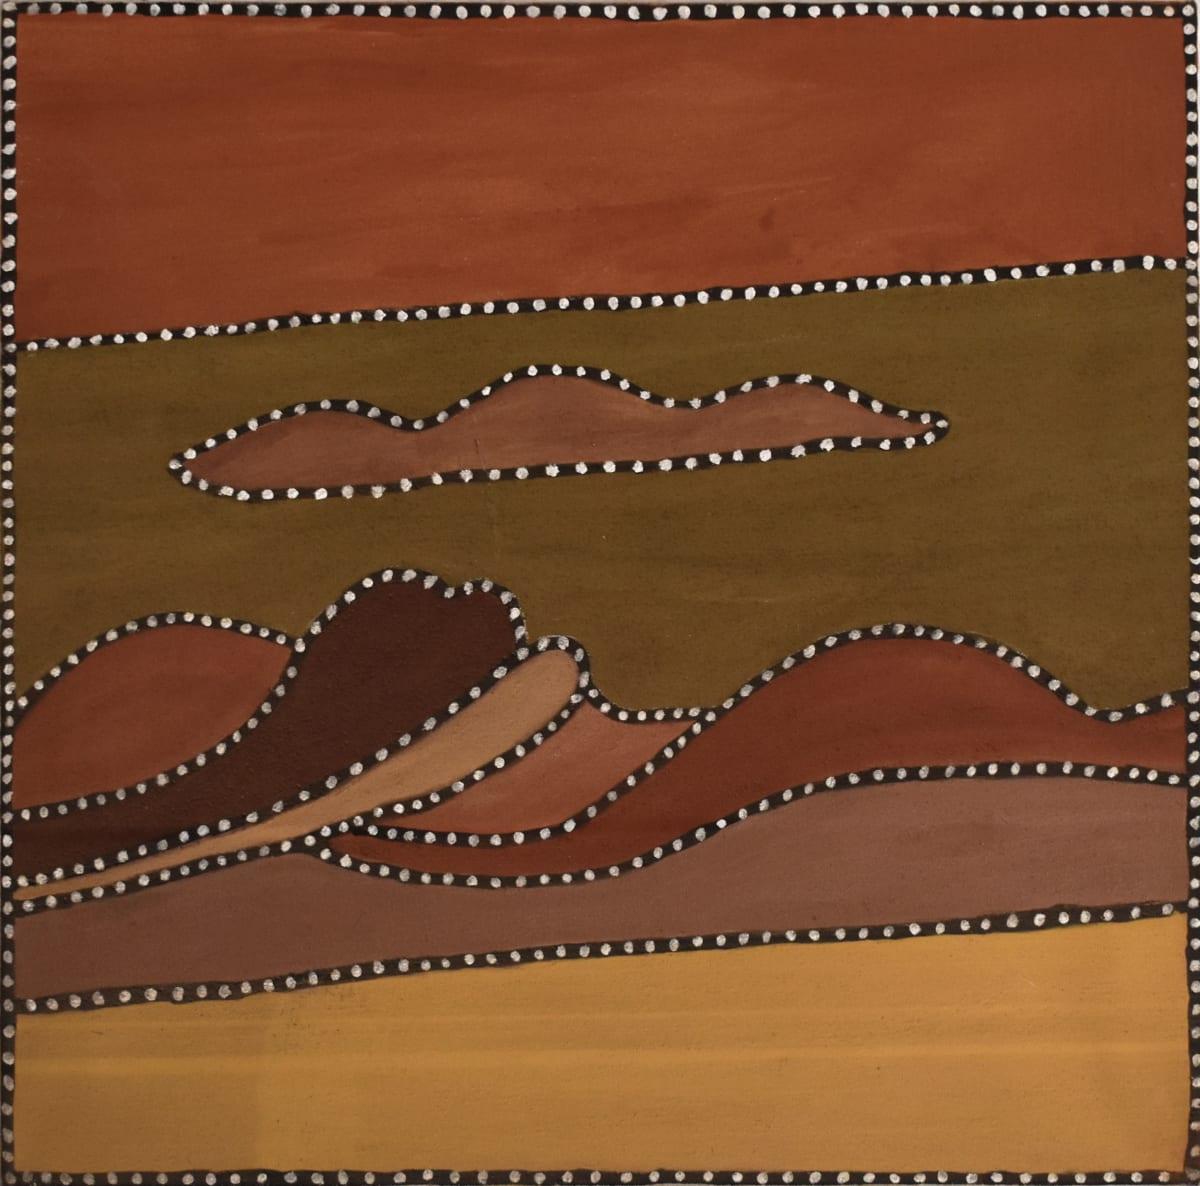 Beerbee Mungnari Colins Creek, 2010 Natural ochre & pigment on canvas 80 x 80 cm